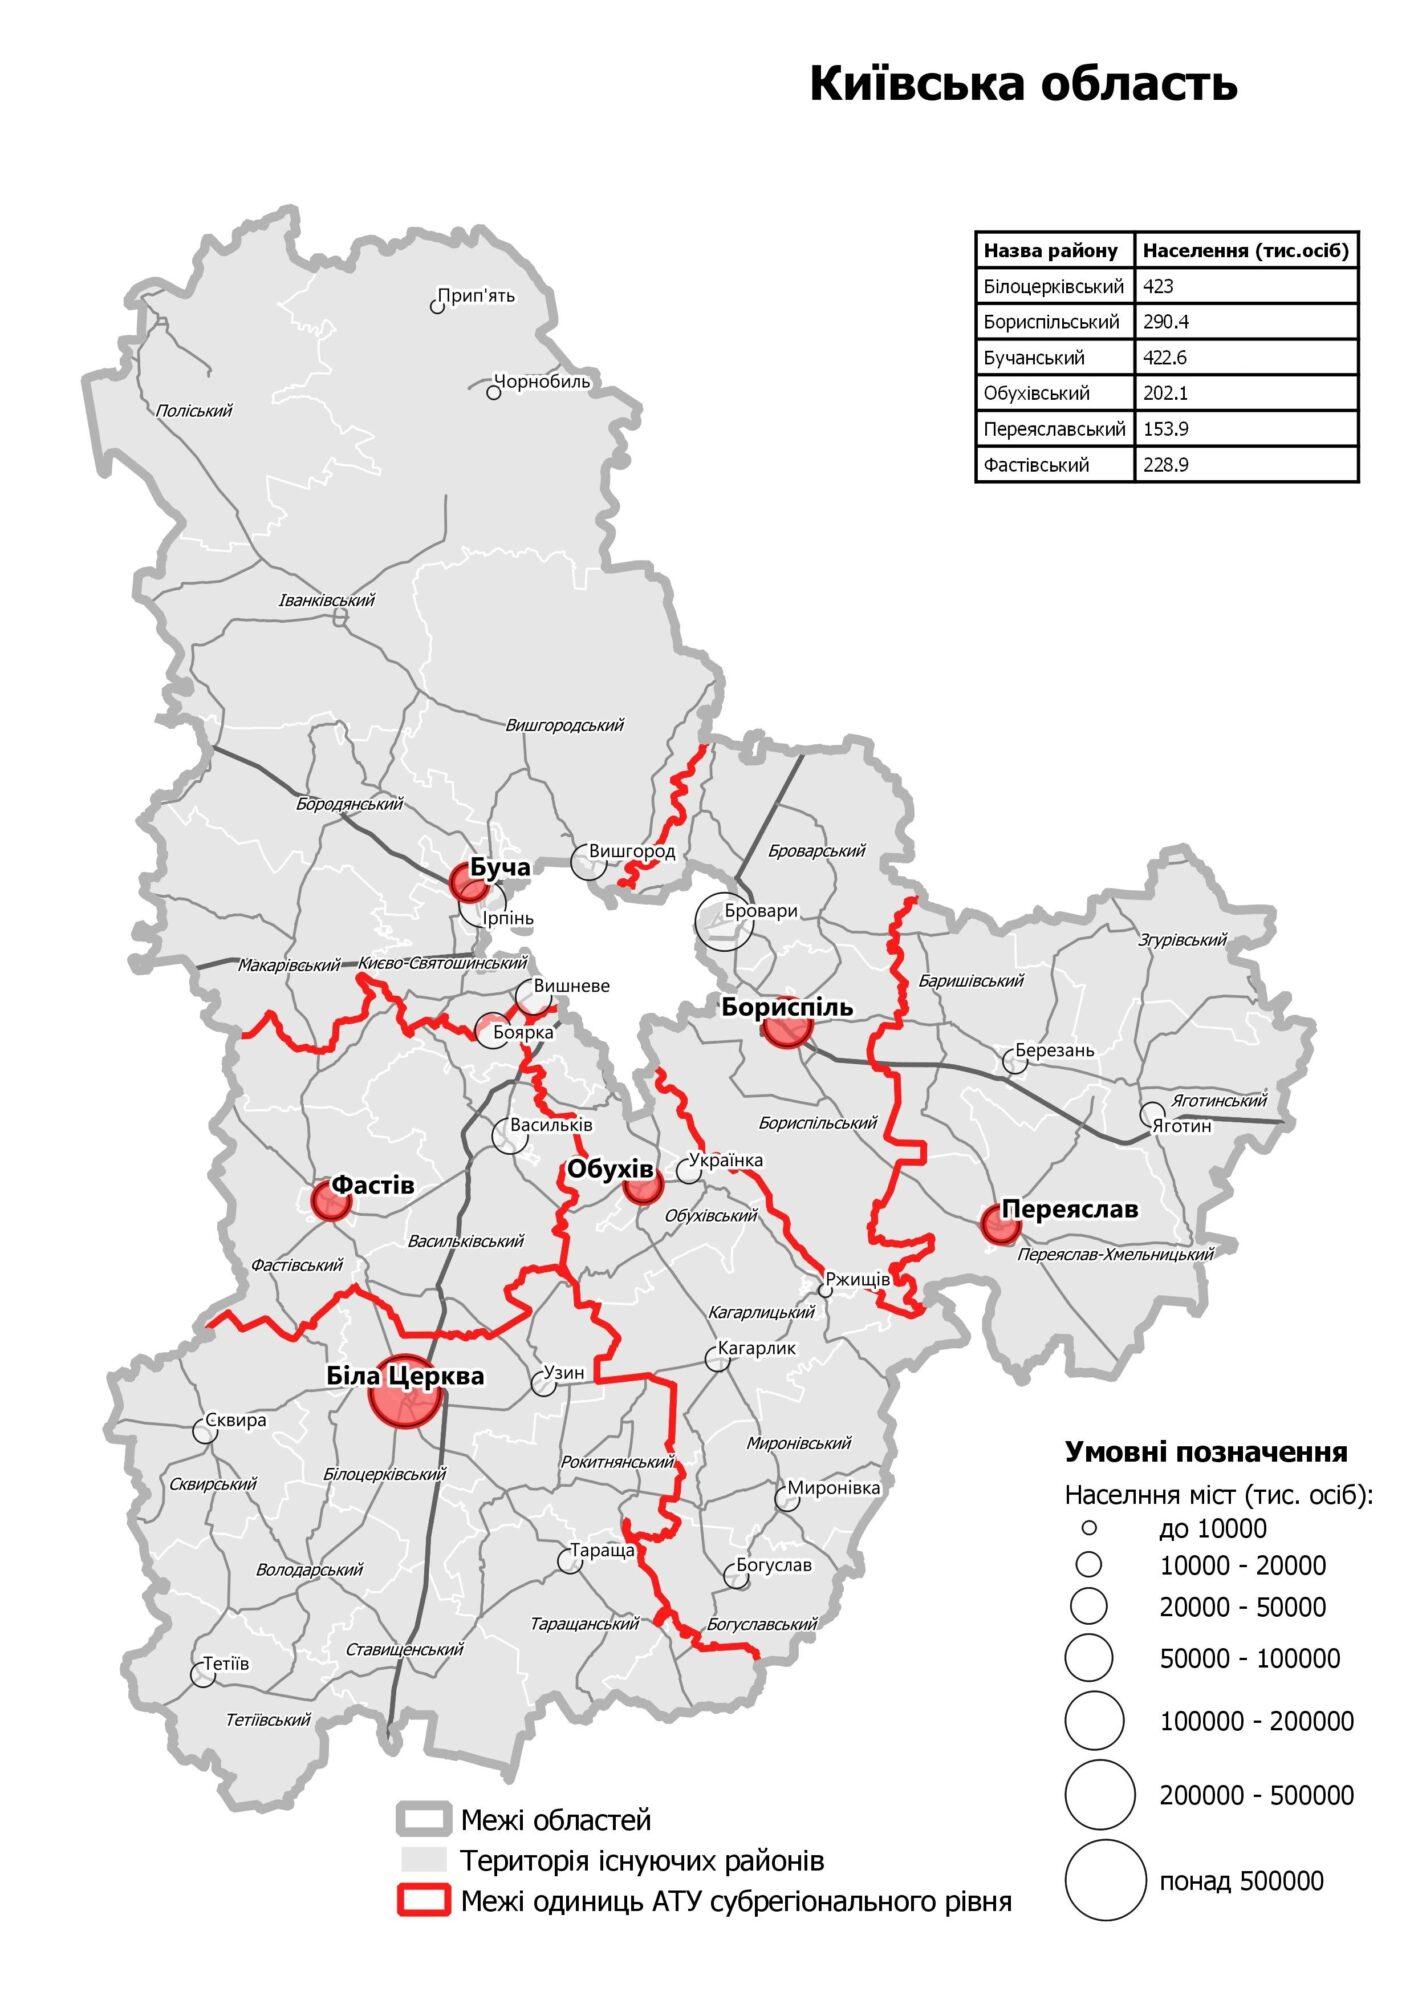 Україну планують розмежувати по-іншому: Мінрегіон опублікував нові карти областей - Україна, Мінрегіон, КМУ, київщина, децентралізація - KYyivshhyan karta 1414x2000